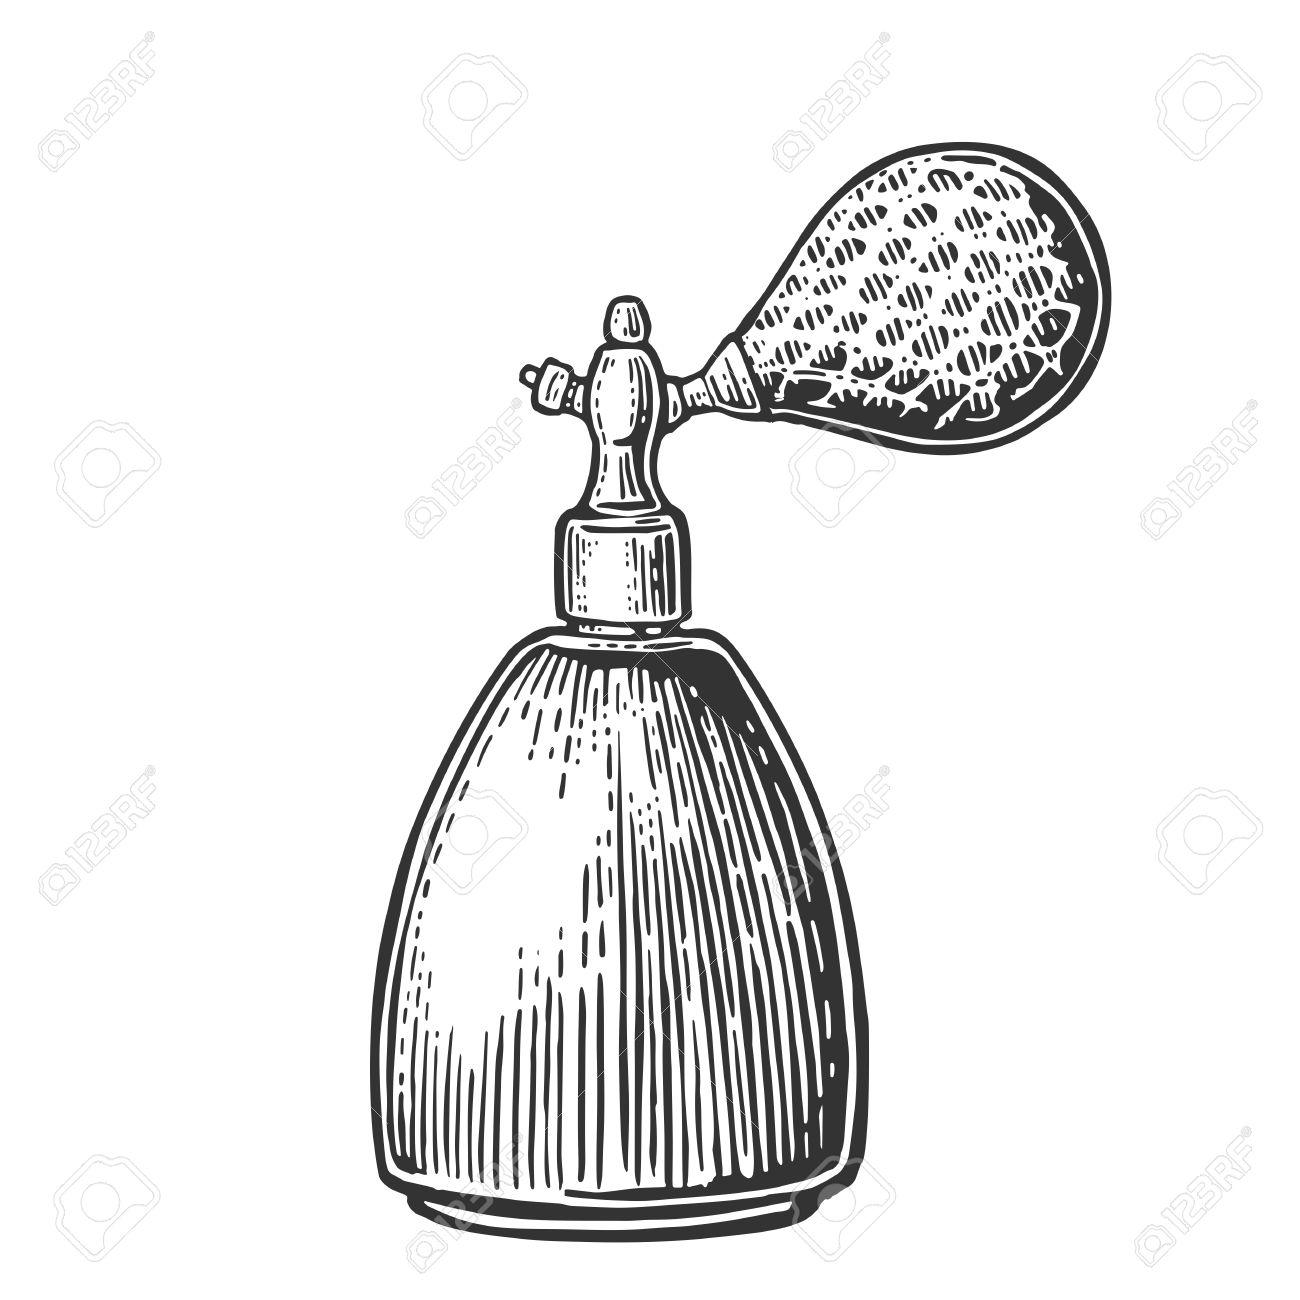 1300x1300 Perfume Bottle Spray. Vector Black Illustrations On White